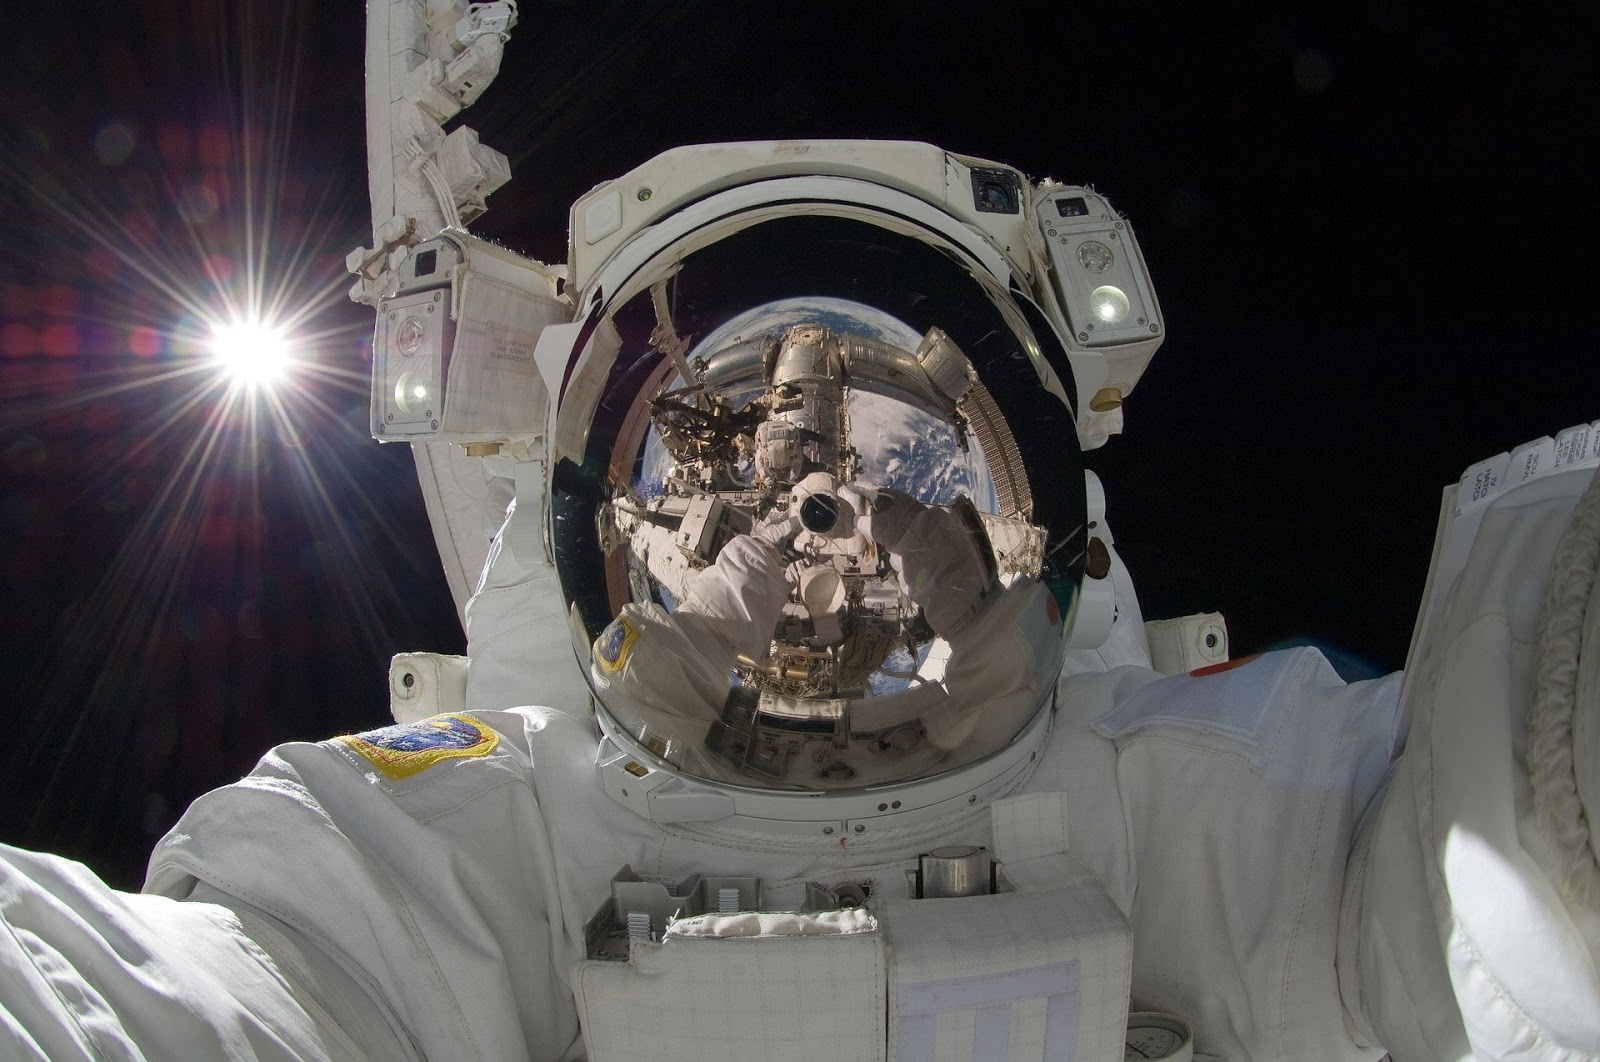 Mi Mancano I Fondamentali Stazione Spaziale Se Son Rose Fioriranno Ma Se Non E Tutto Rose E Fiori